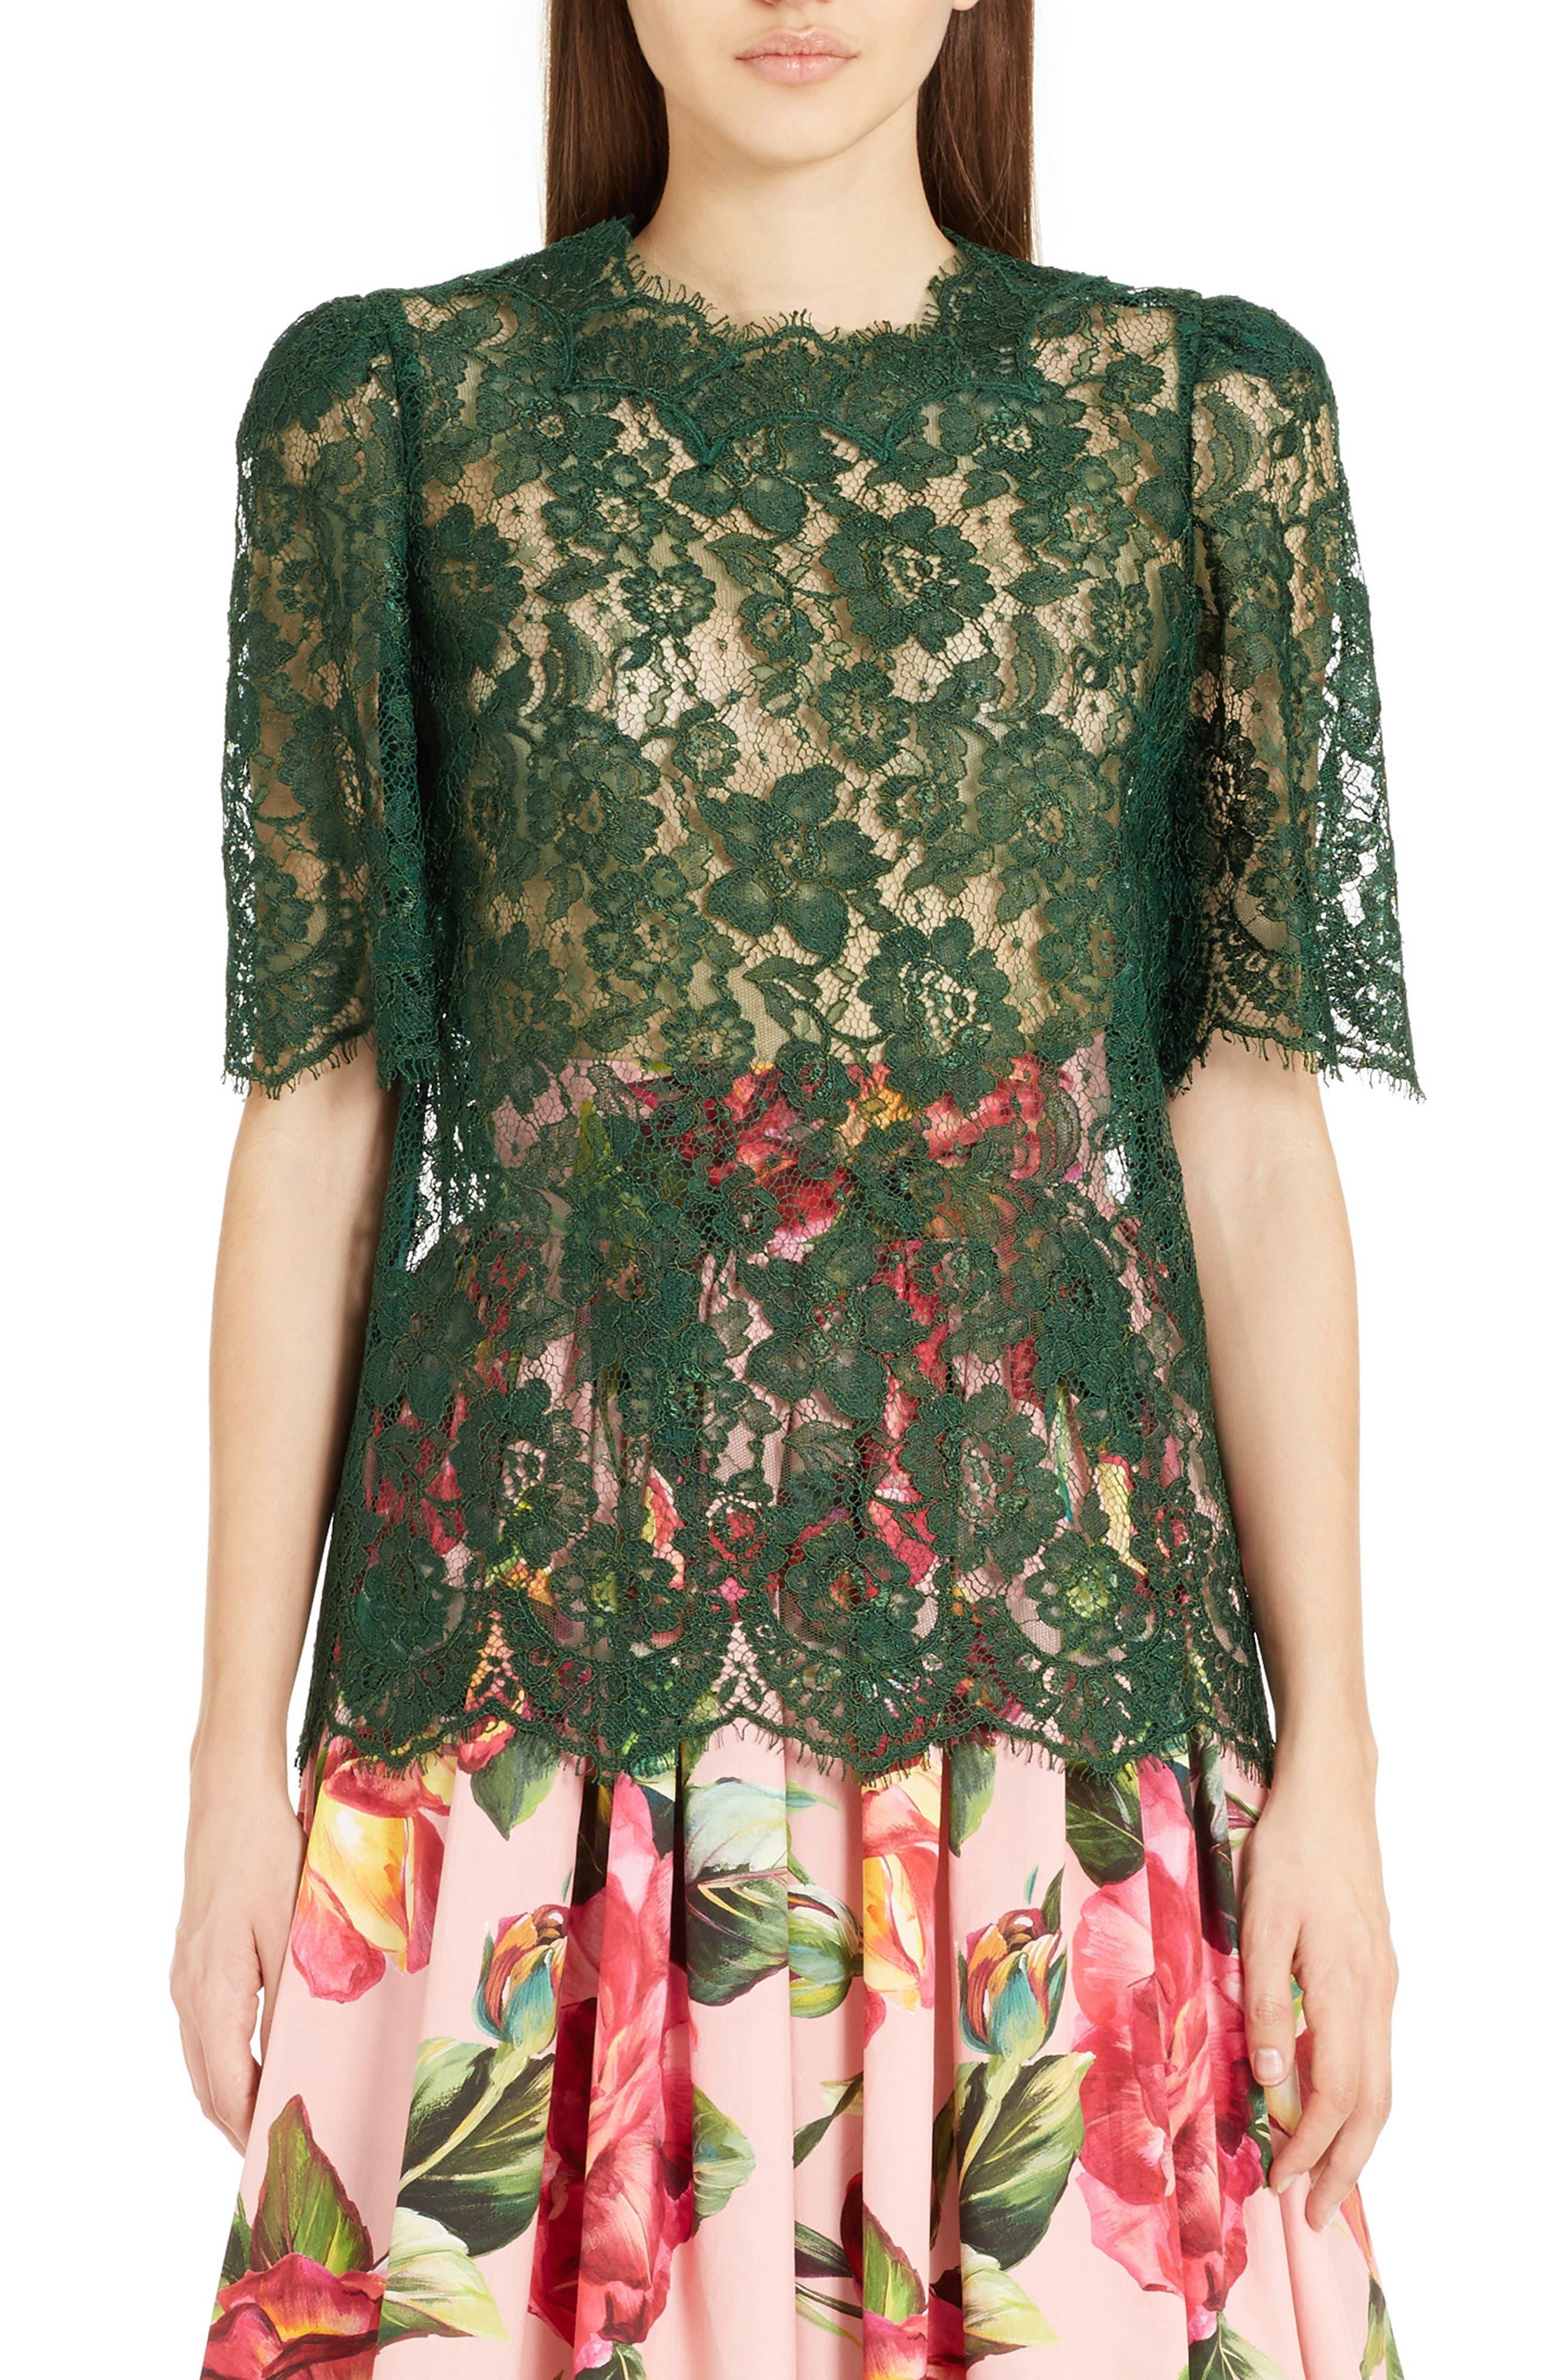 Main Image - Dolce&Gabbana Lace Top